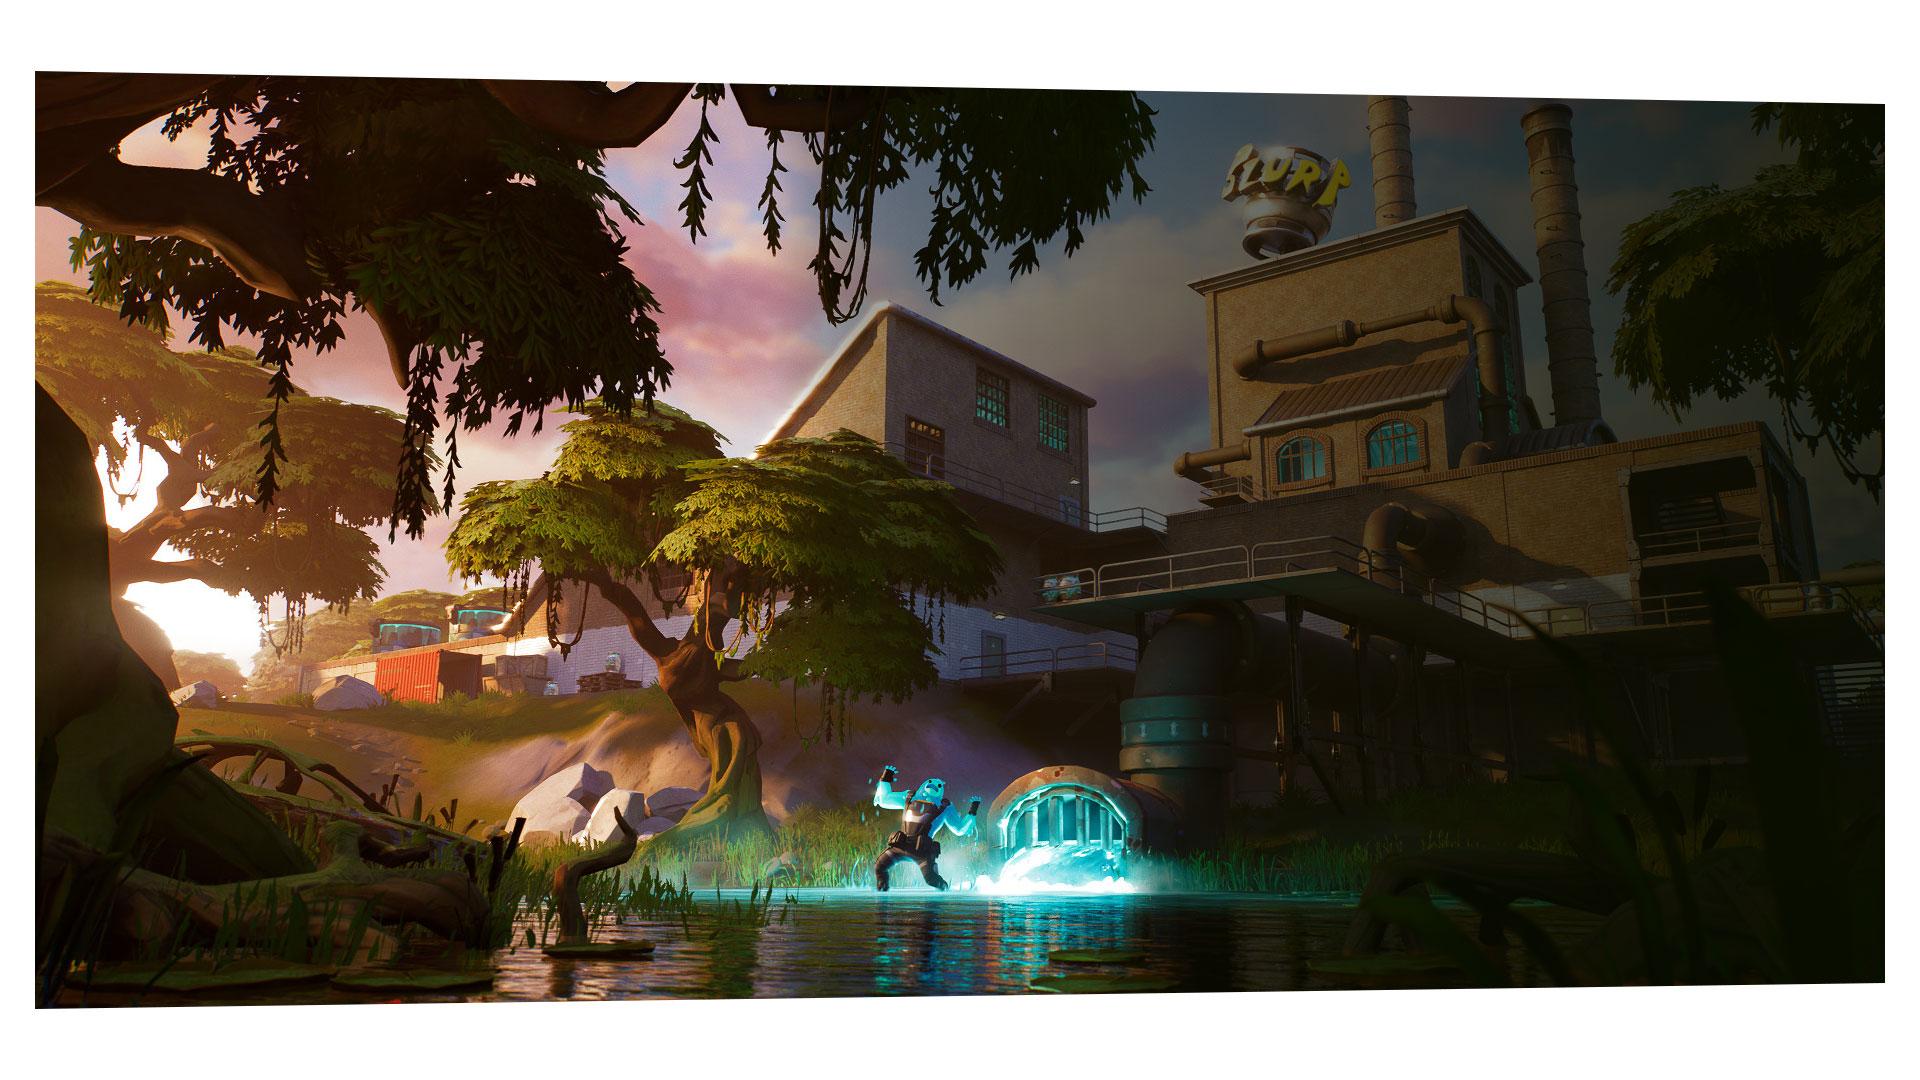 Un uomo ricoperto di melma luminescente grida in mezzo a una palude con una fabbrica sullo sfondo